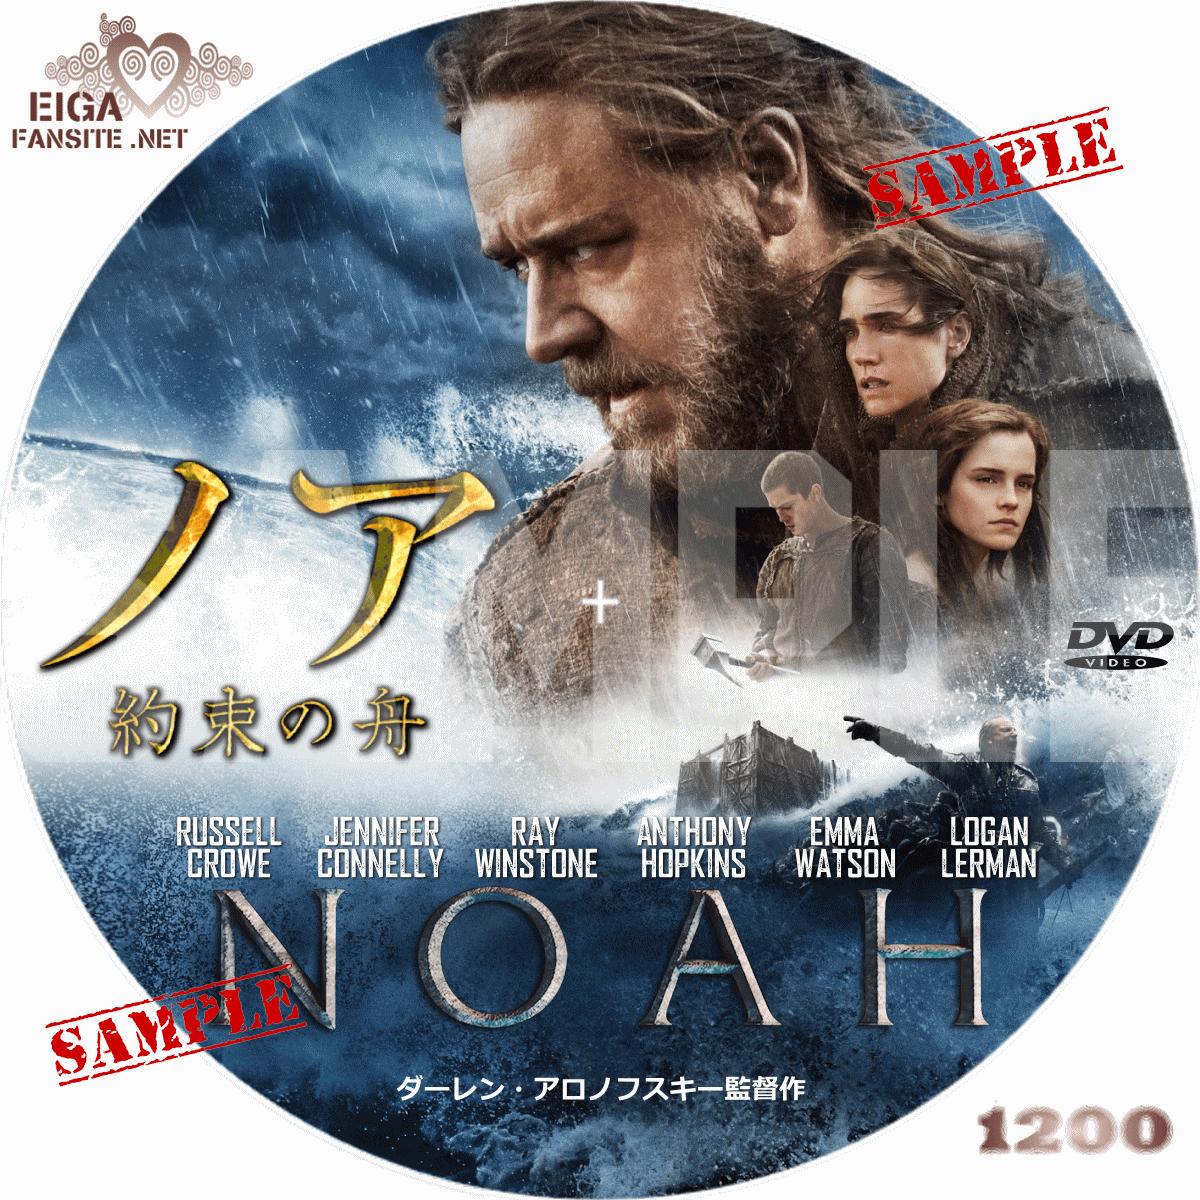 DVDラベル】ノア 約束の舟/NOAH (2014)